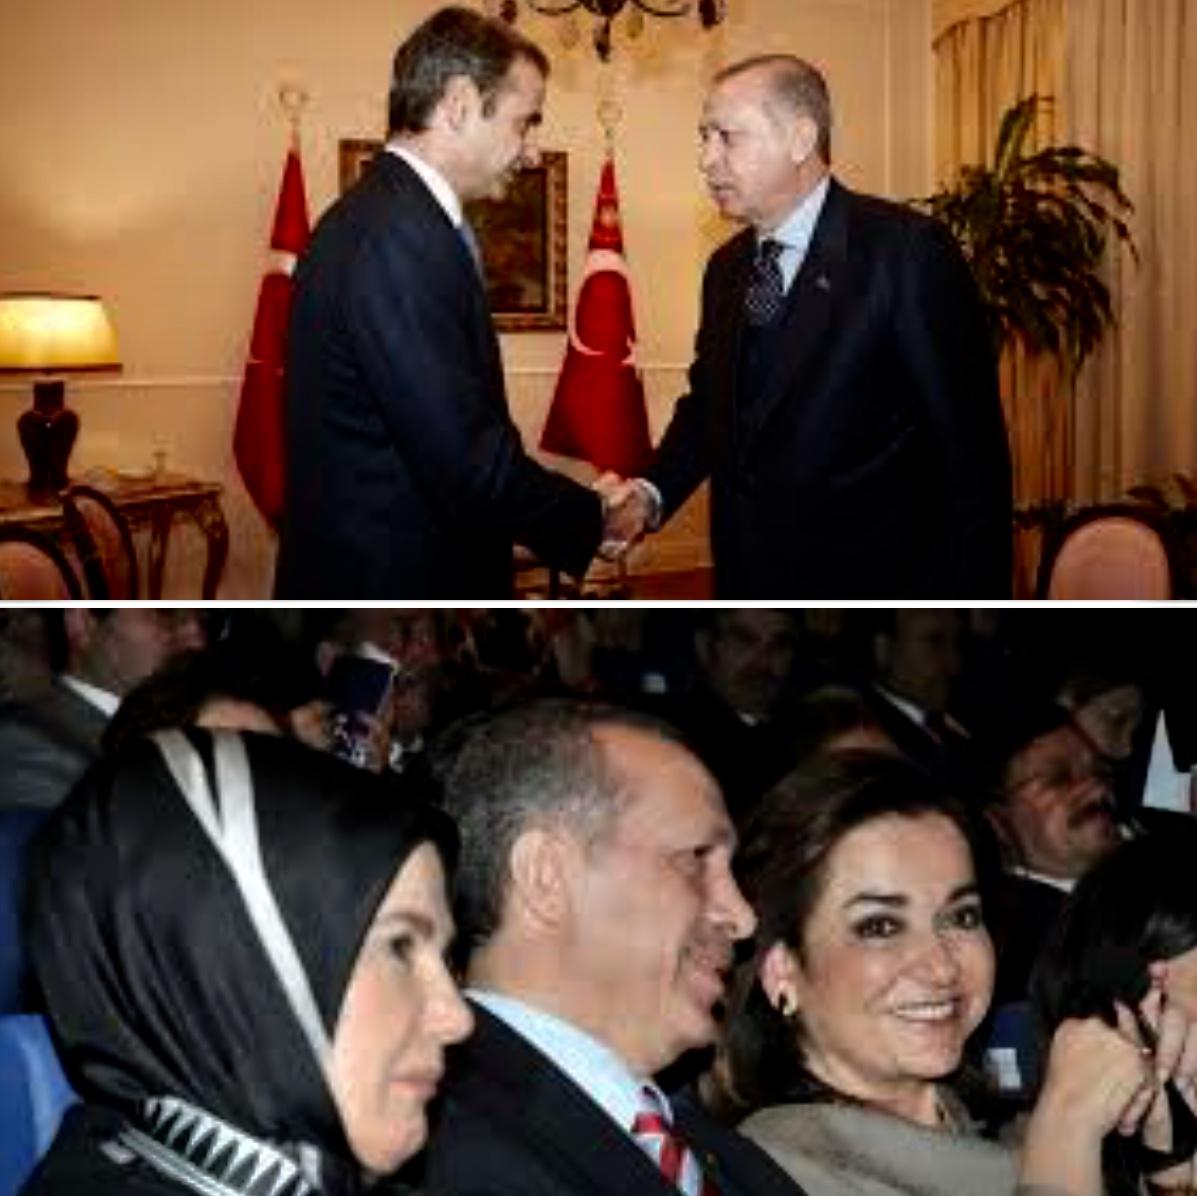 ΚΑΤΕΡΡΕΥΣΕ η «ανεξήγητη» κατευναστική πολιτική Μητσοτάκη μετά την νέα απαράδεκτη ανακοίνωση του Τούρκου ΥΠΕΞ